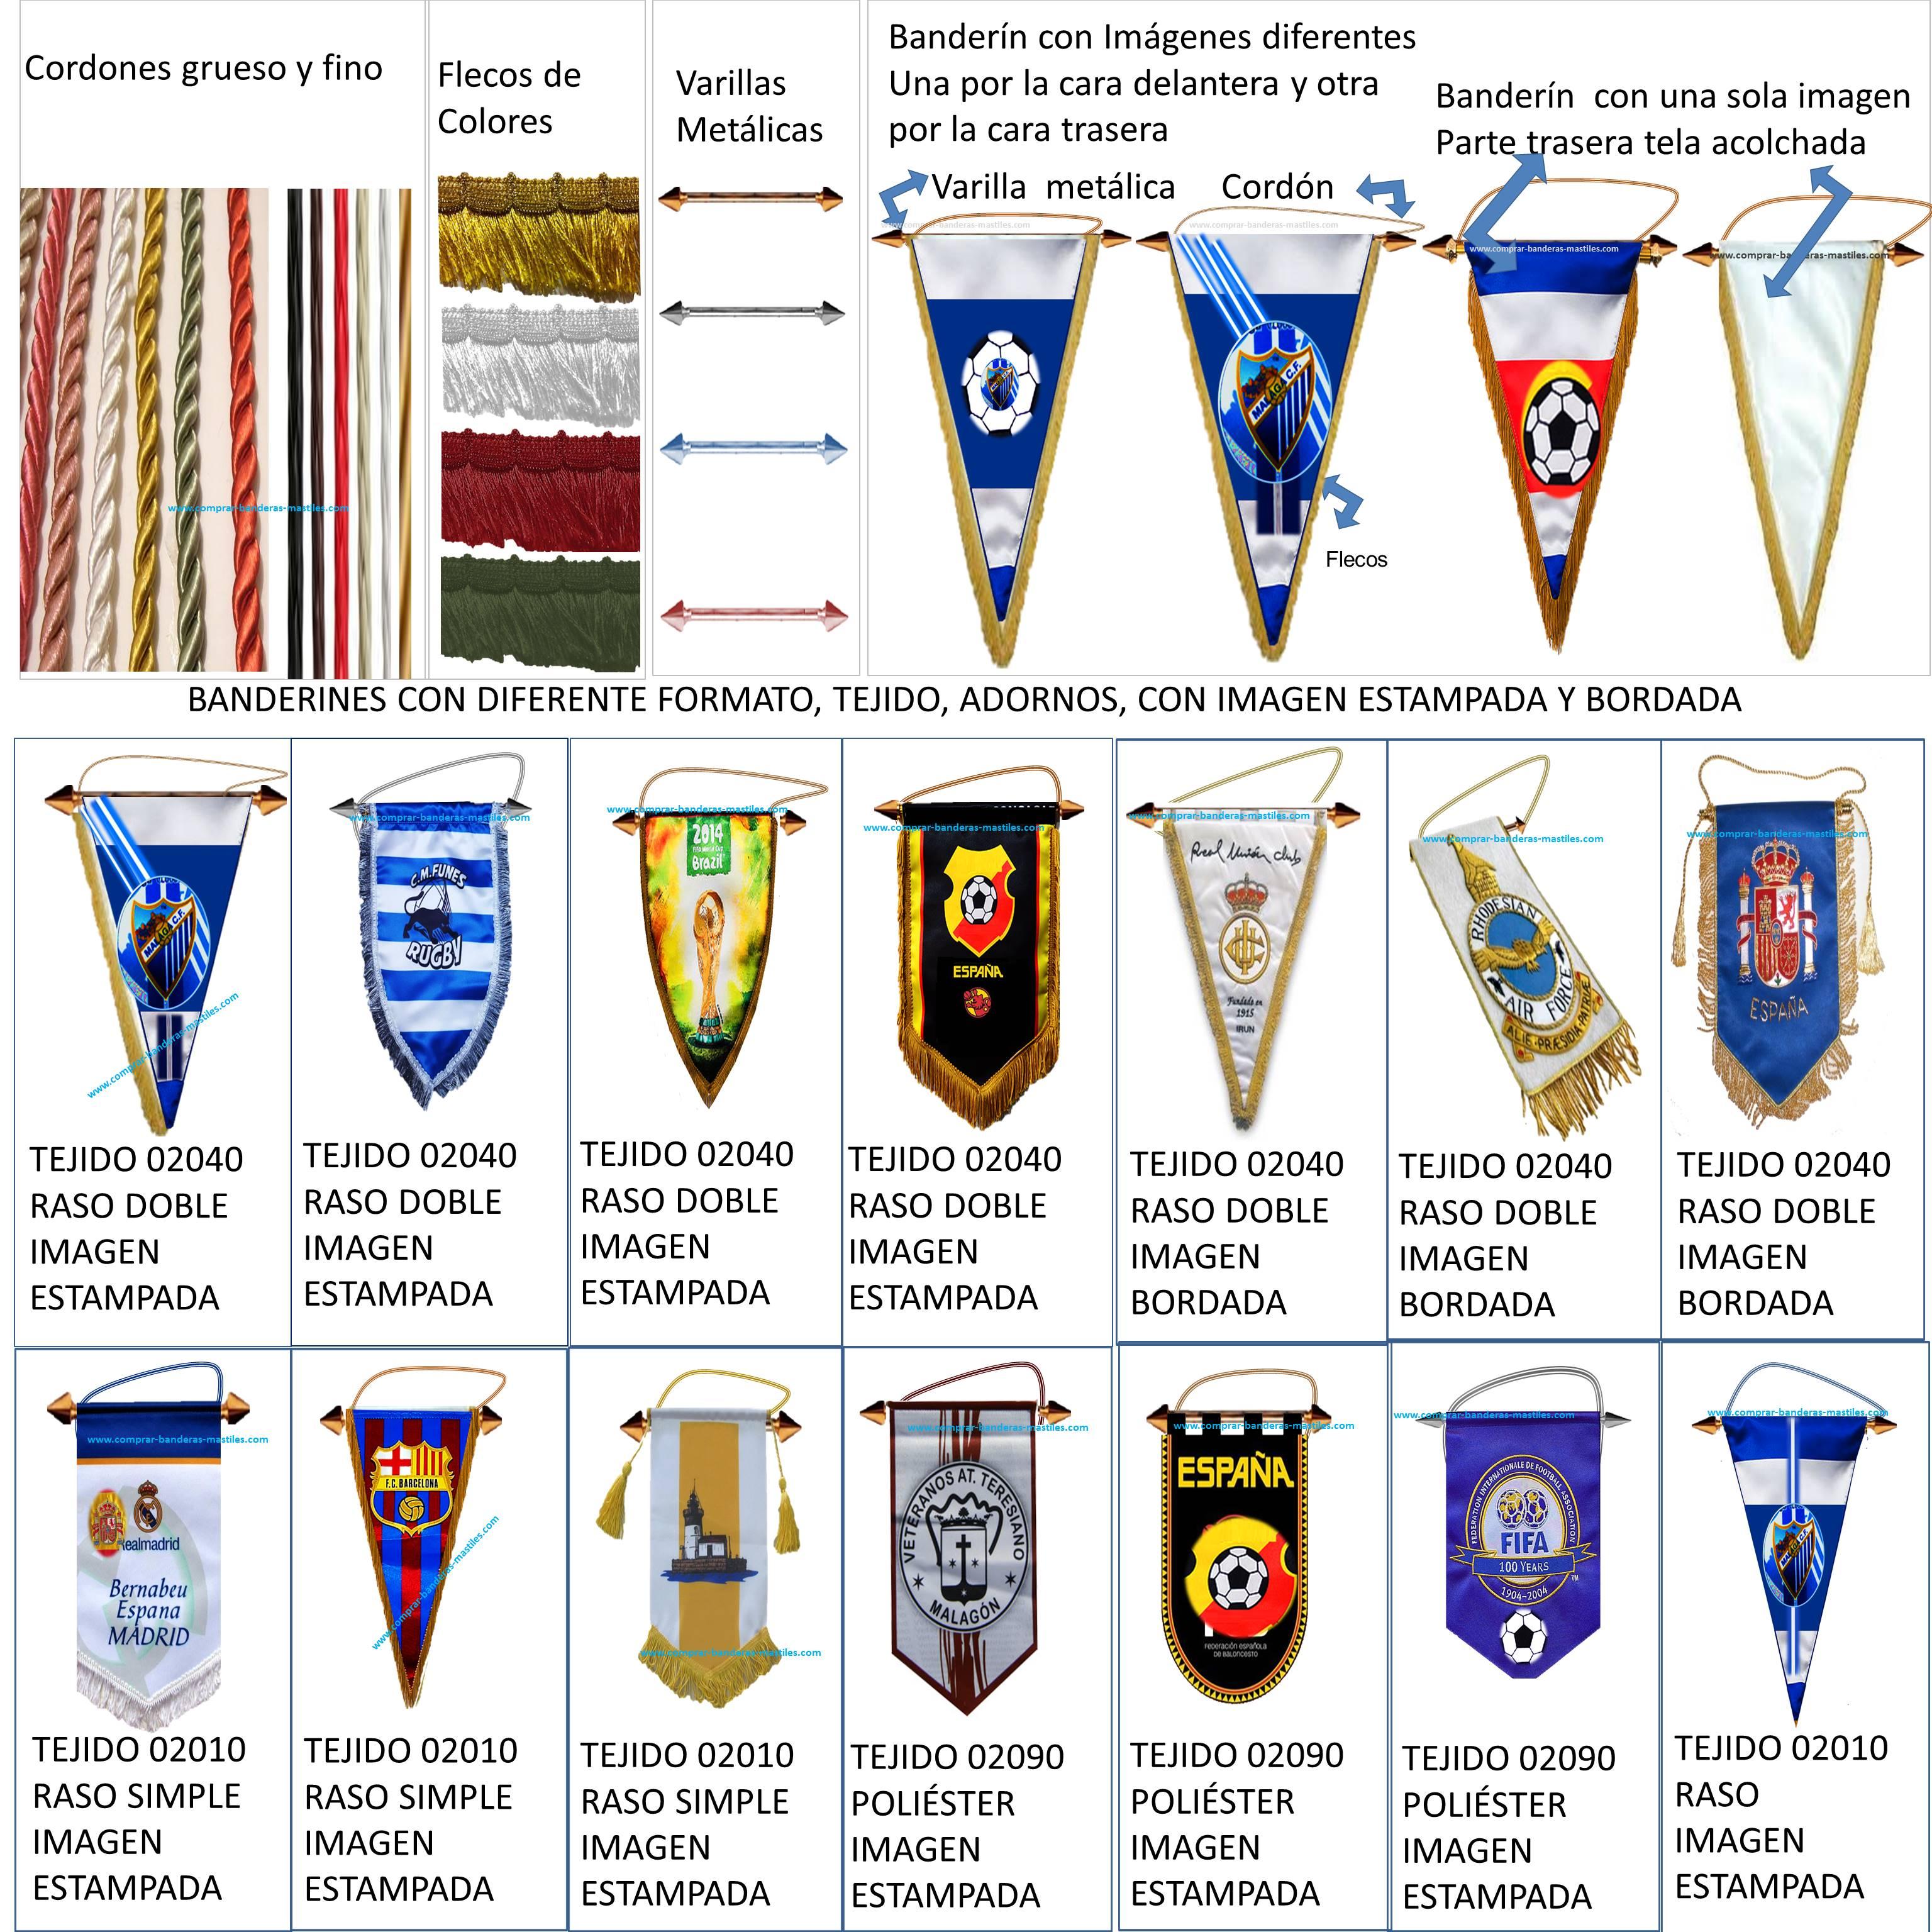 Venta fabrica comprar banderines Clubes Deportivos Equipos de Futbol Personalizados Publicitarios Paises